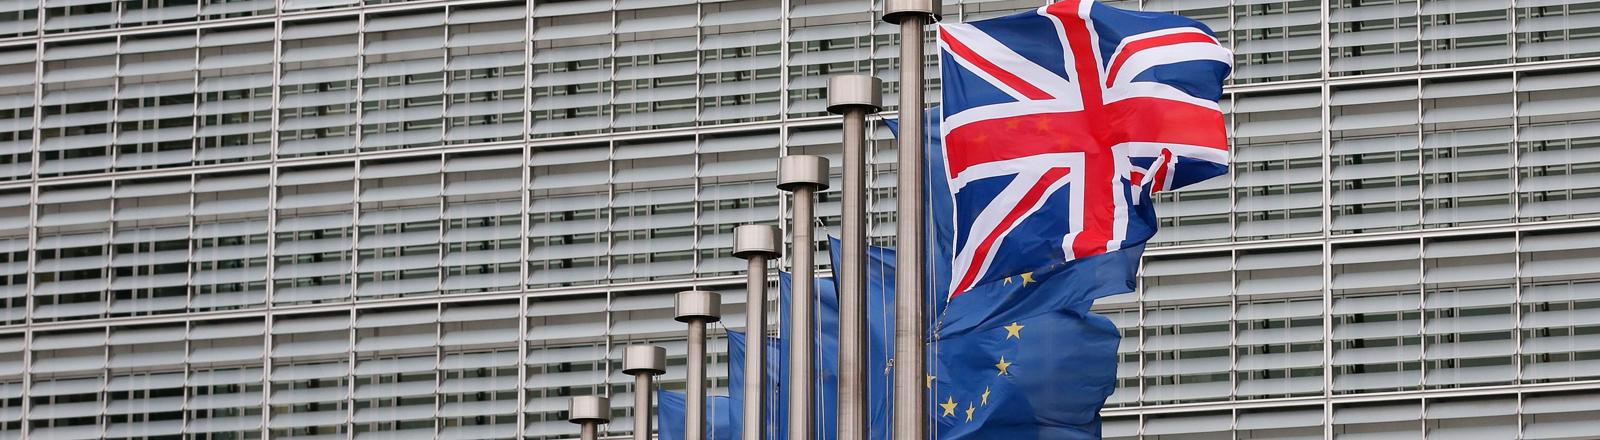 Britische und EU-Flaggen vor dem EU-Kommissiongebäude in Brüssel.